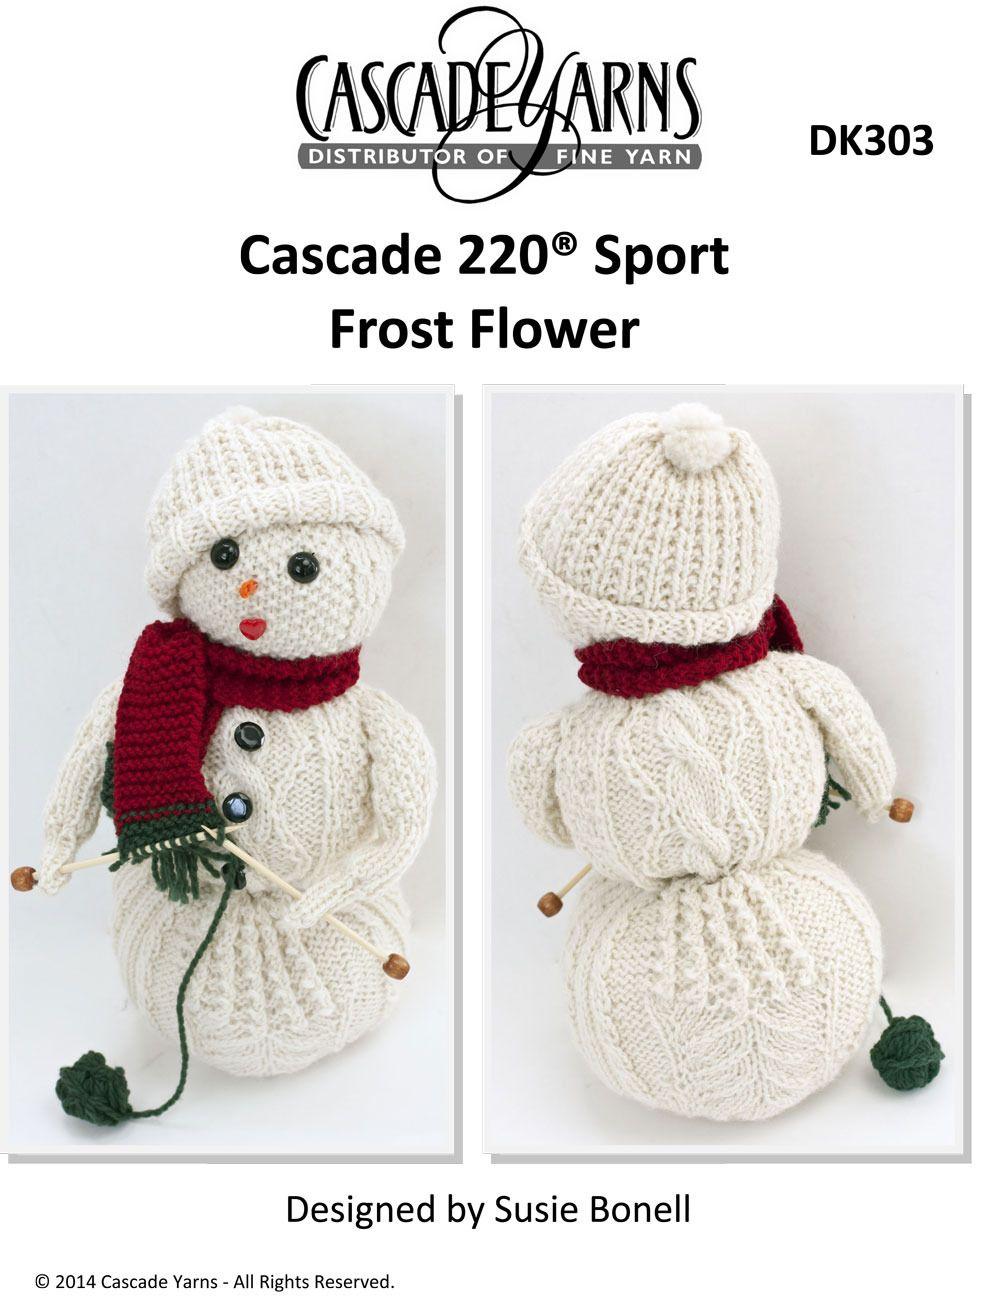 Frost Flower in Cascade 220 Sport - DK303 Free | meryl | Pinterest ...